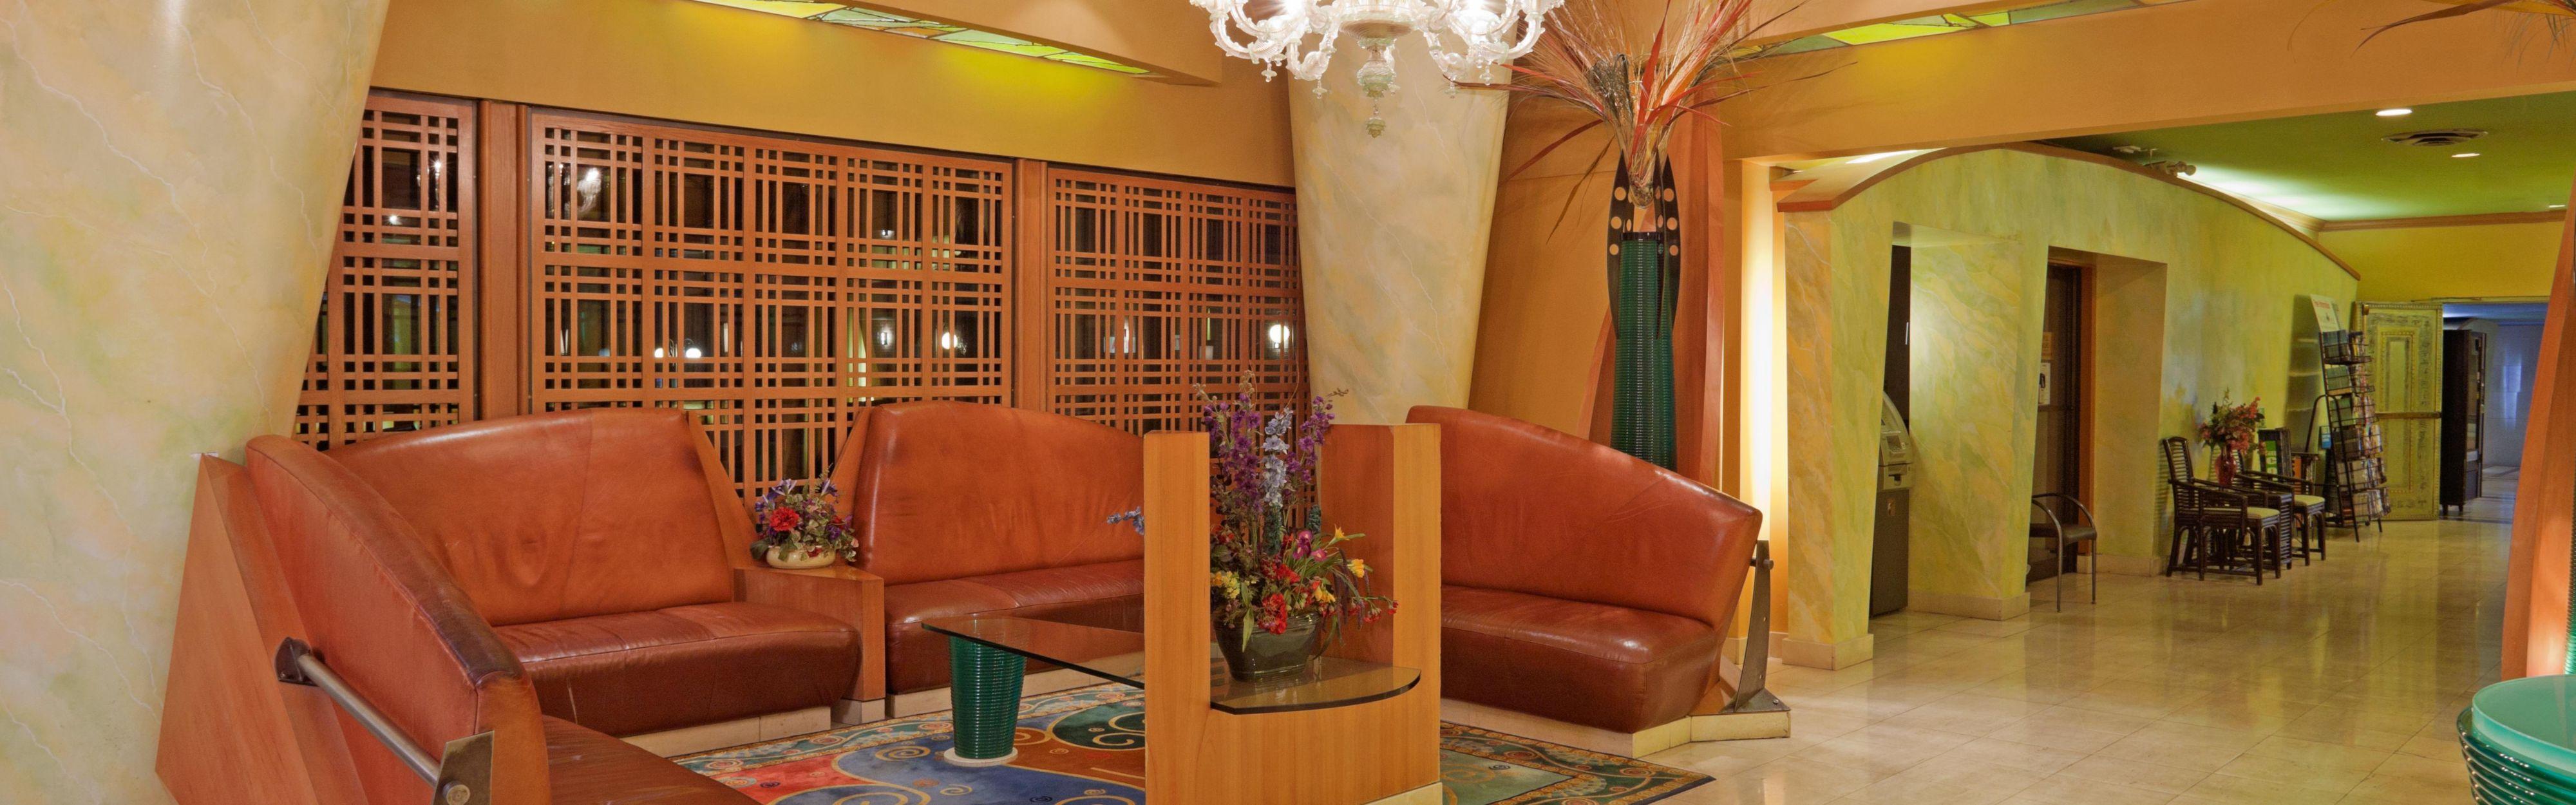 niagara Vintage falls inns